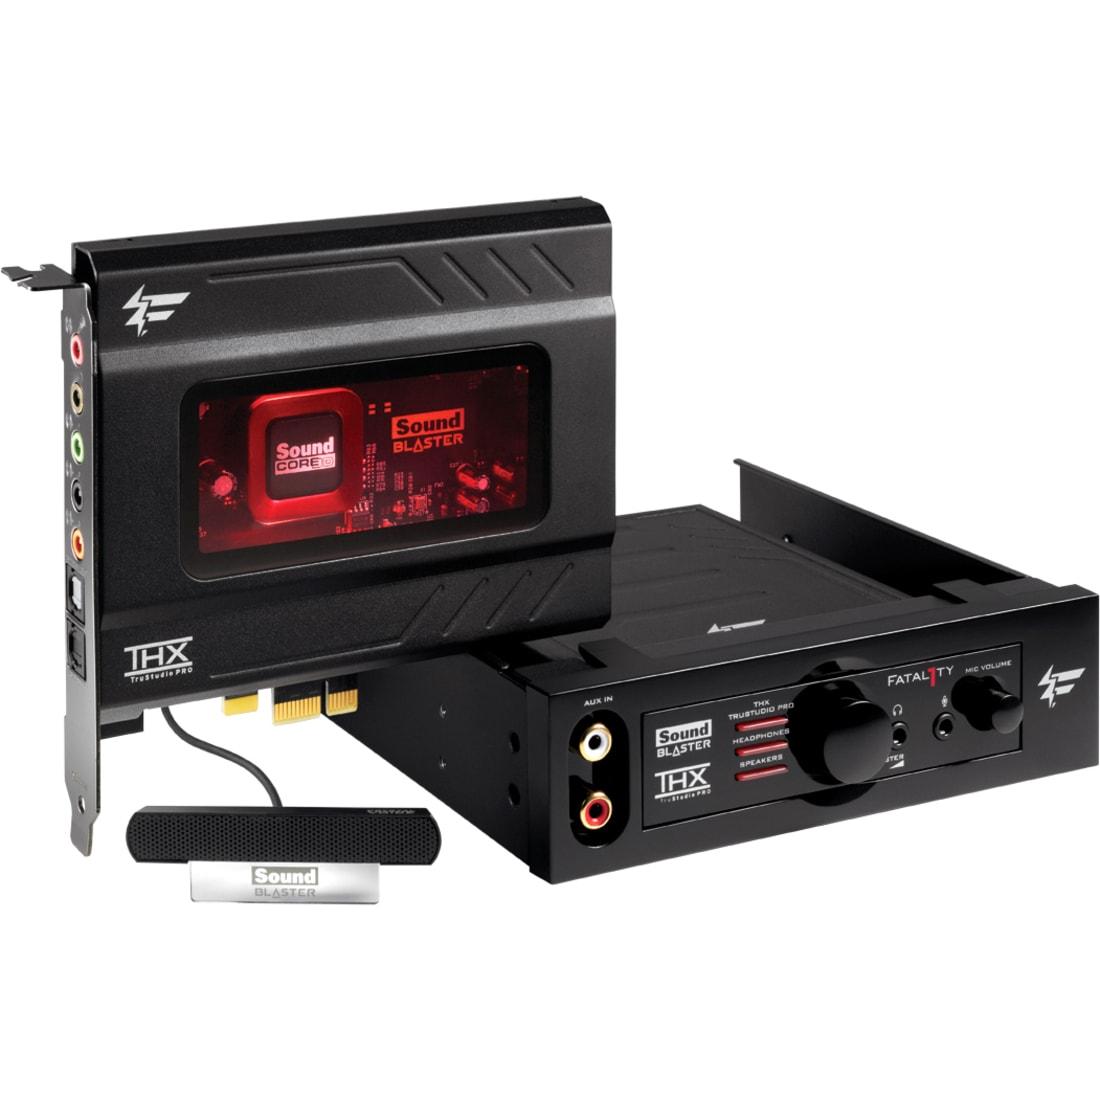 Creative Sound Blaster Recon3D SB1354 Sound Board